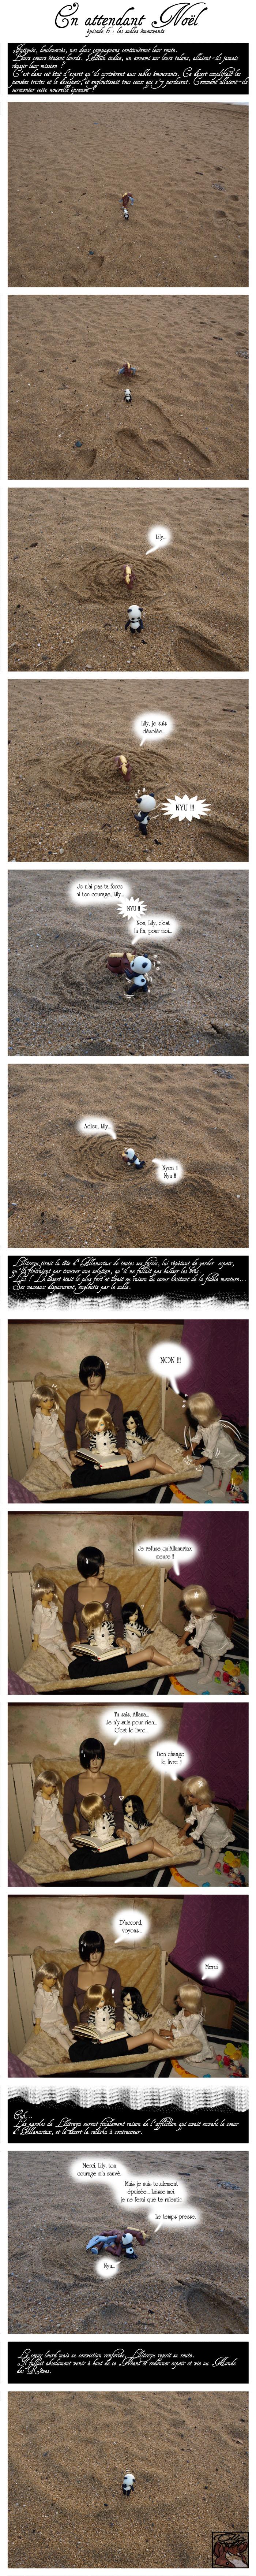 [Heika's 3] Pauvre Noël JOYEUX NOEL - Page 2 Quicksand_trap_by_monsieur_cheval-d88x3t0